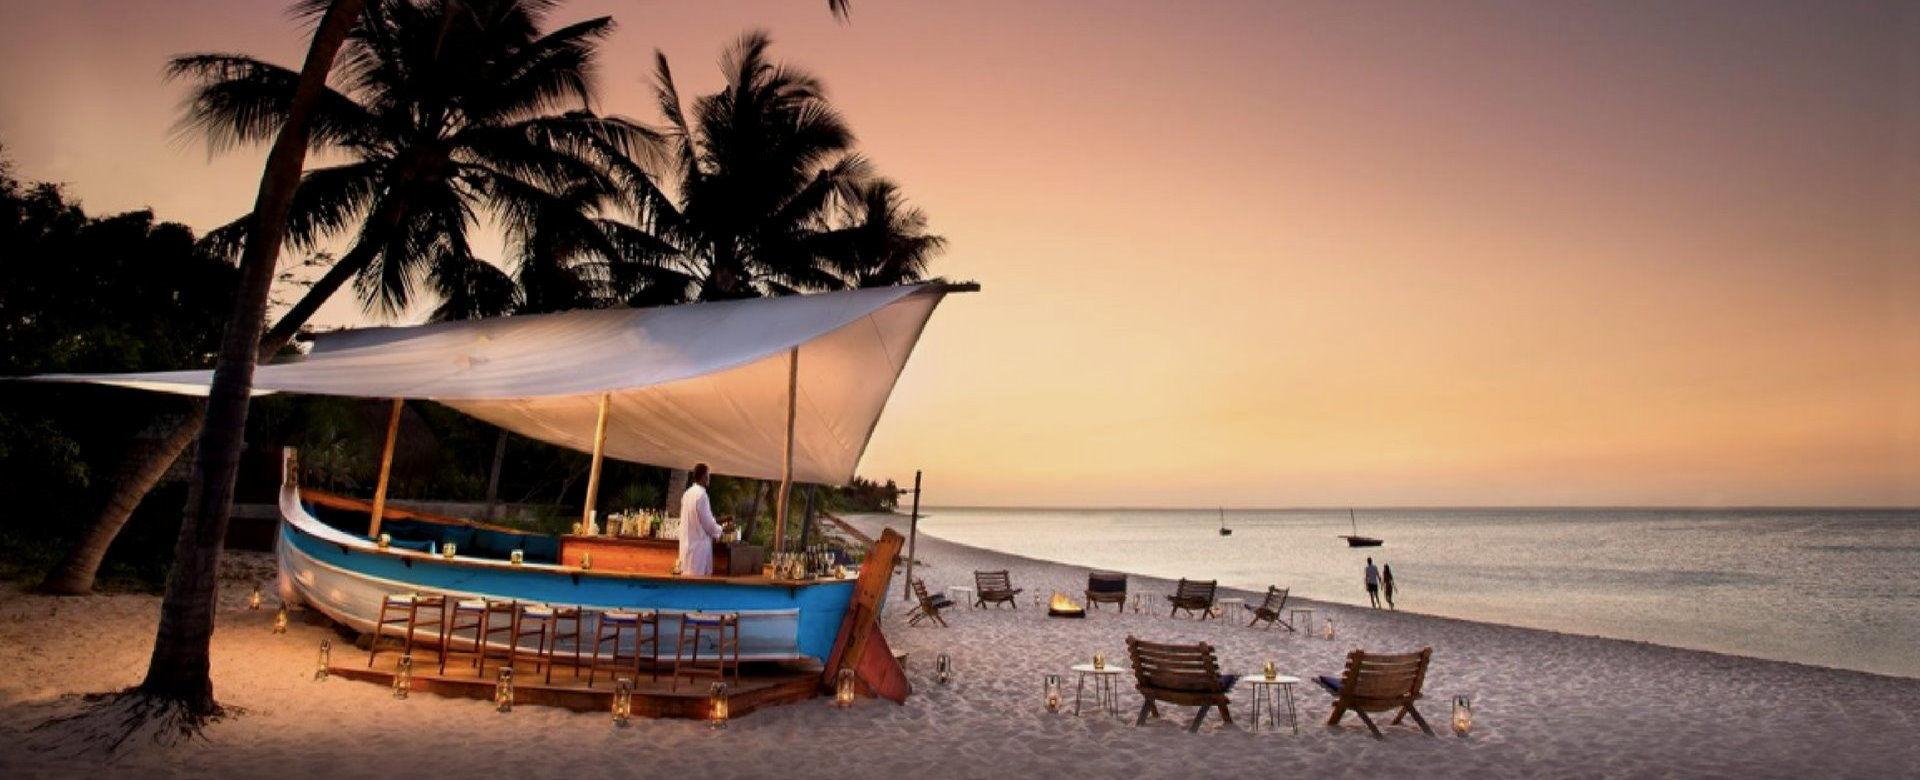 Honeymoon Safaris - Mozambique